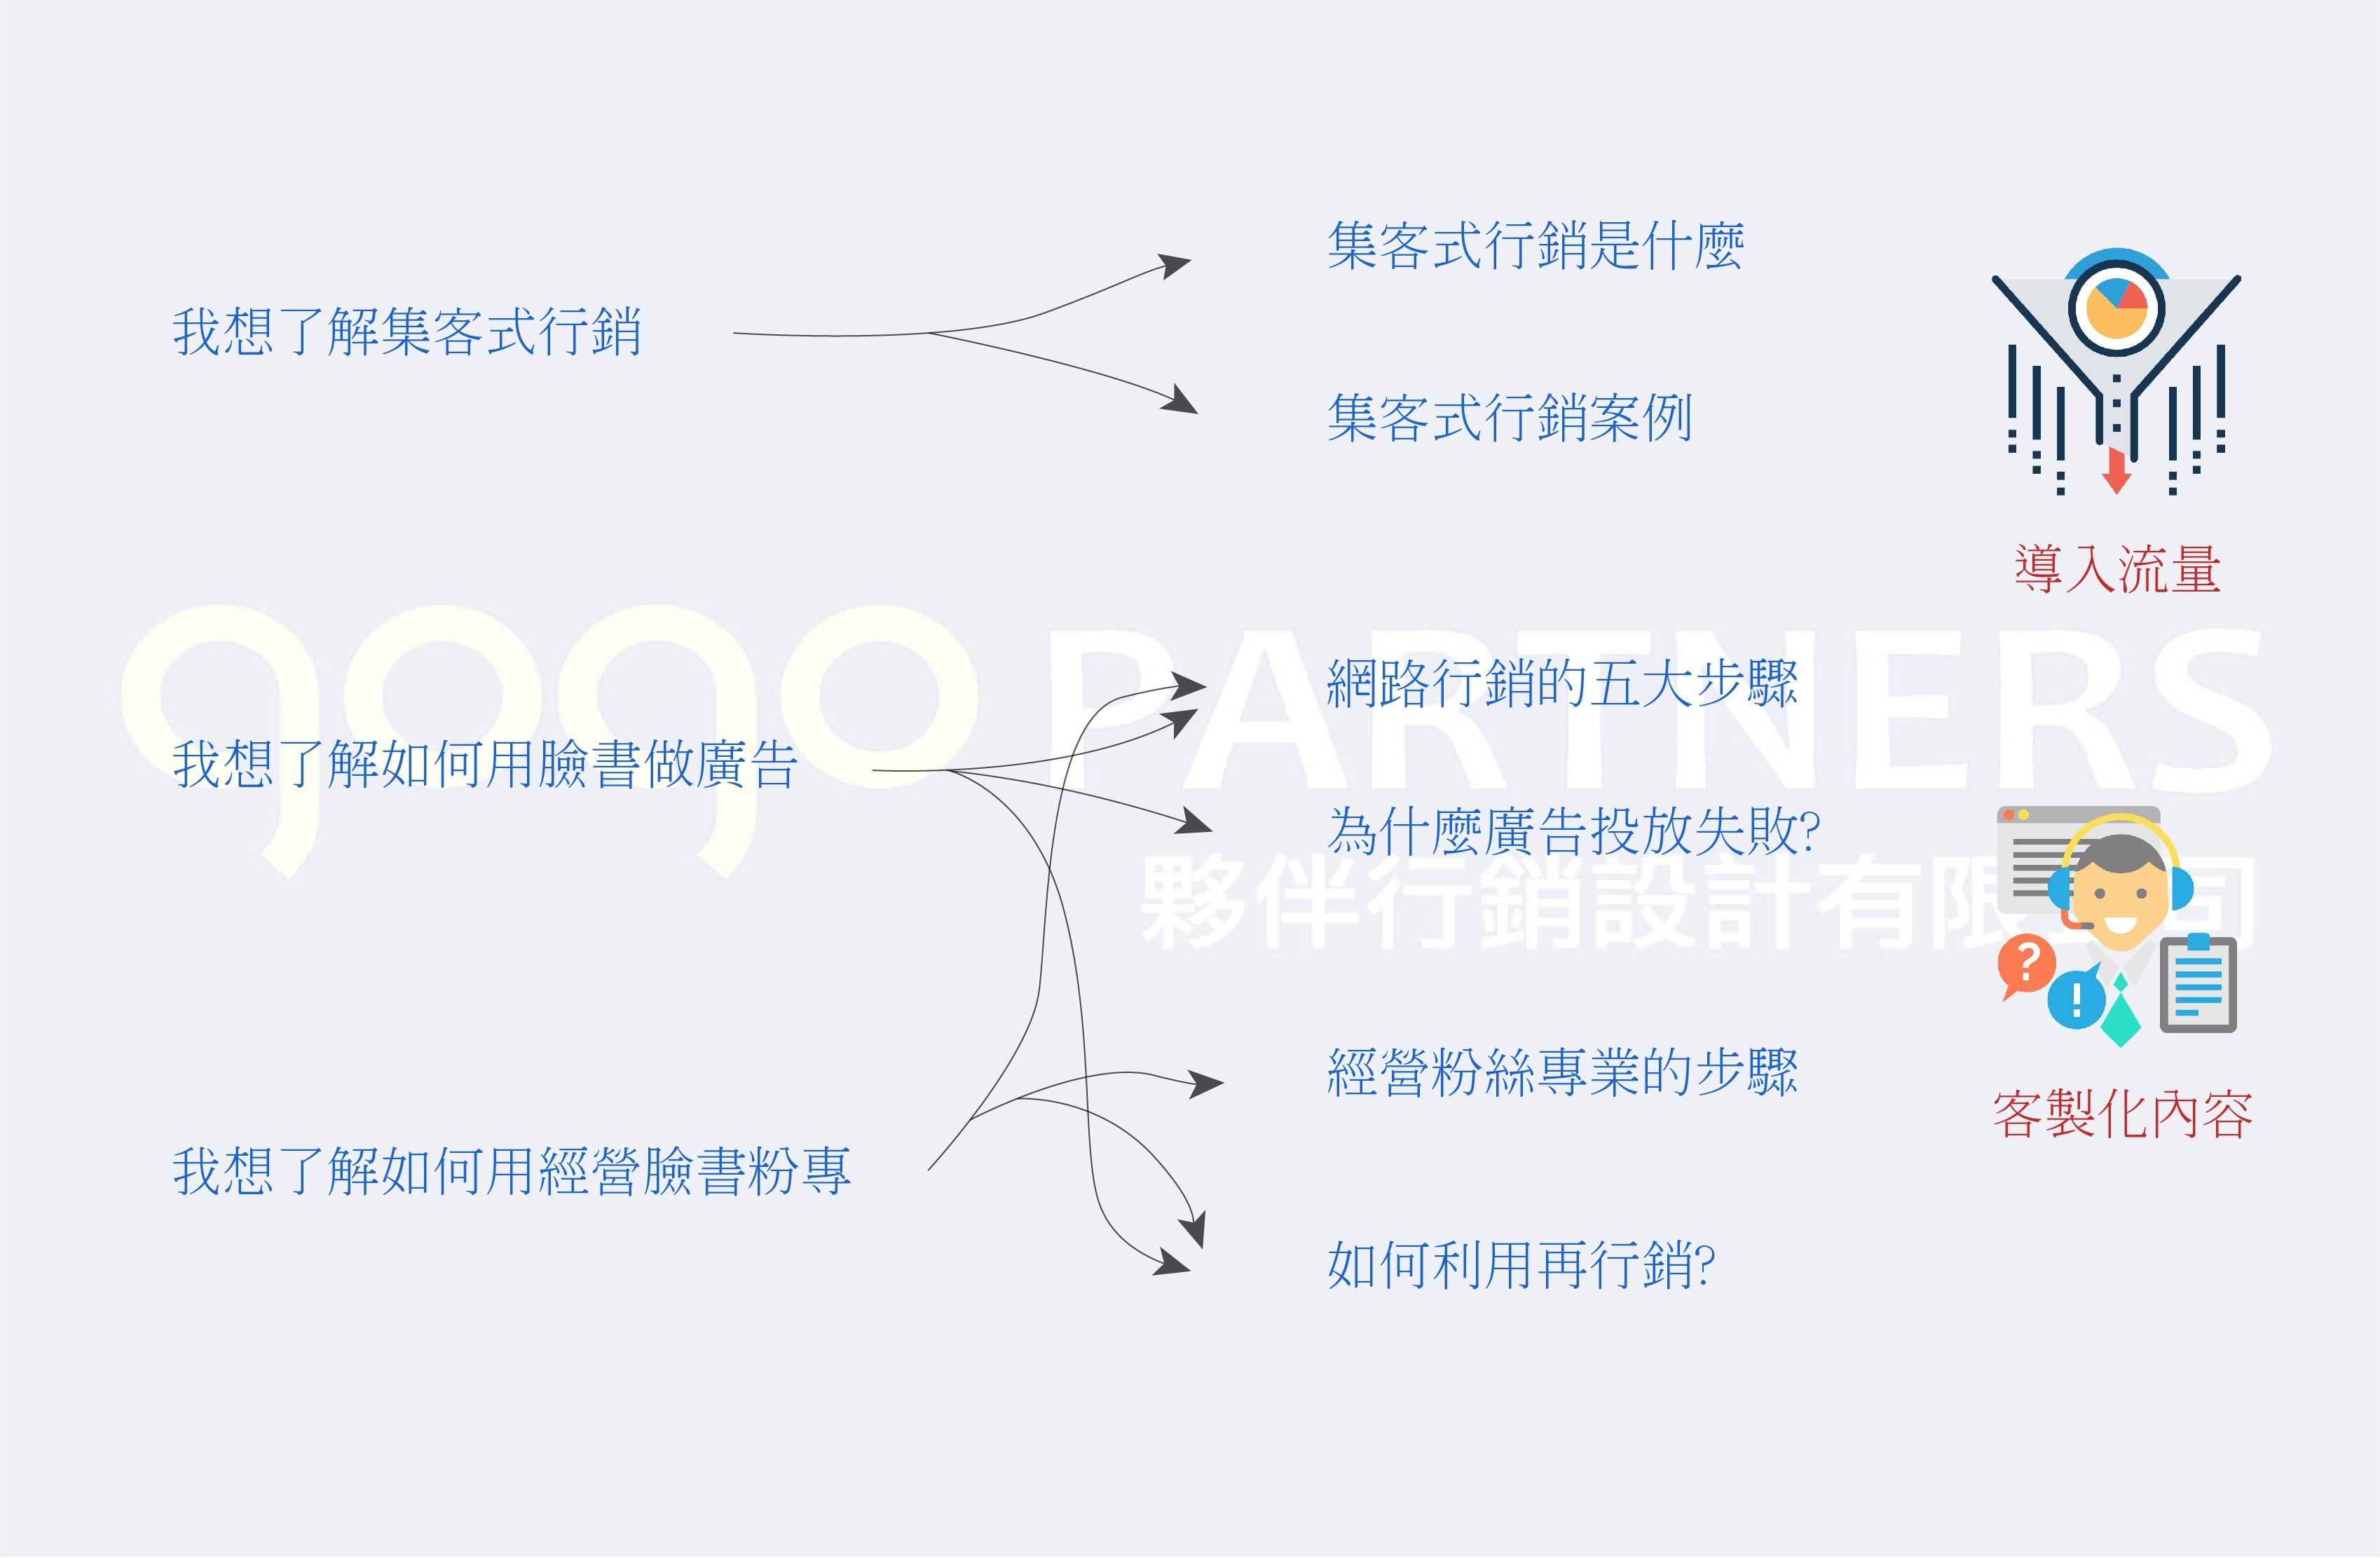 flow example